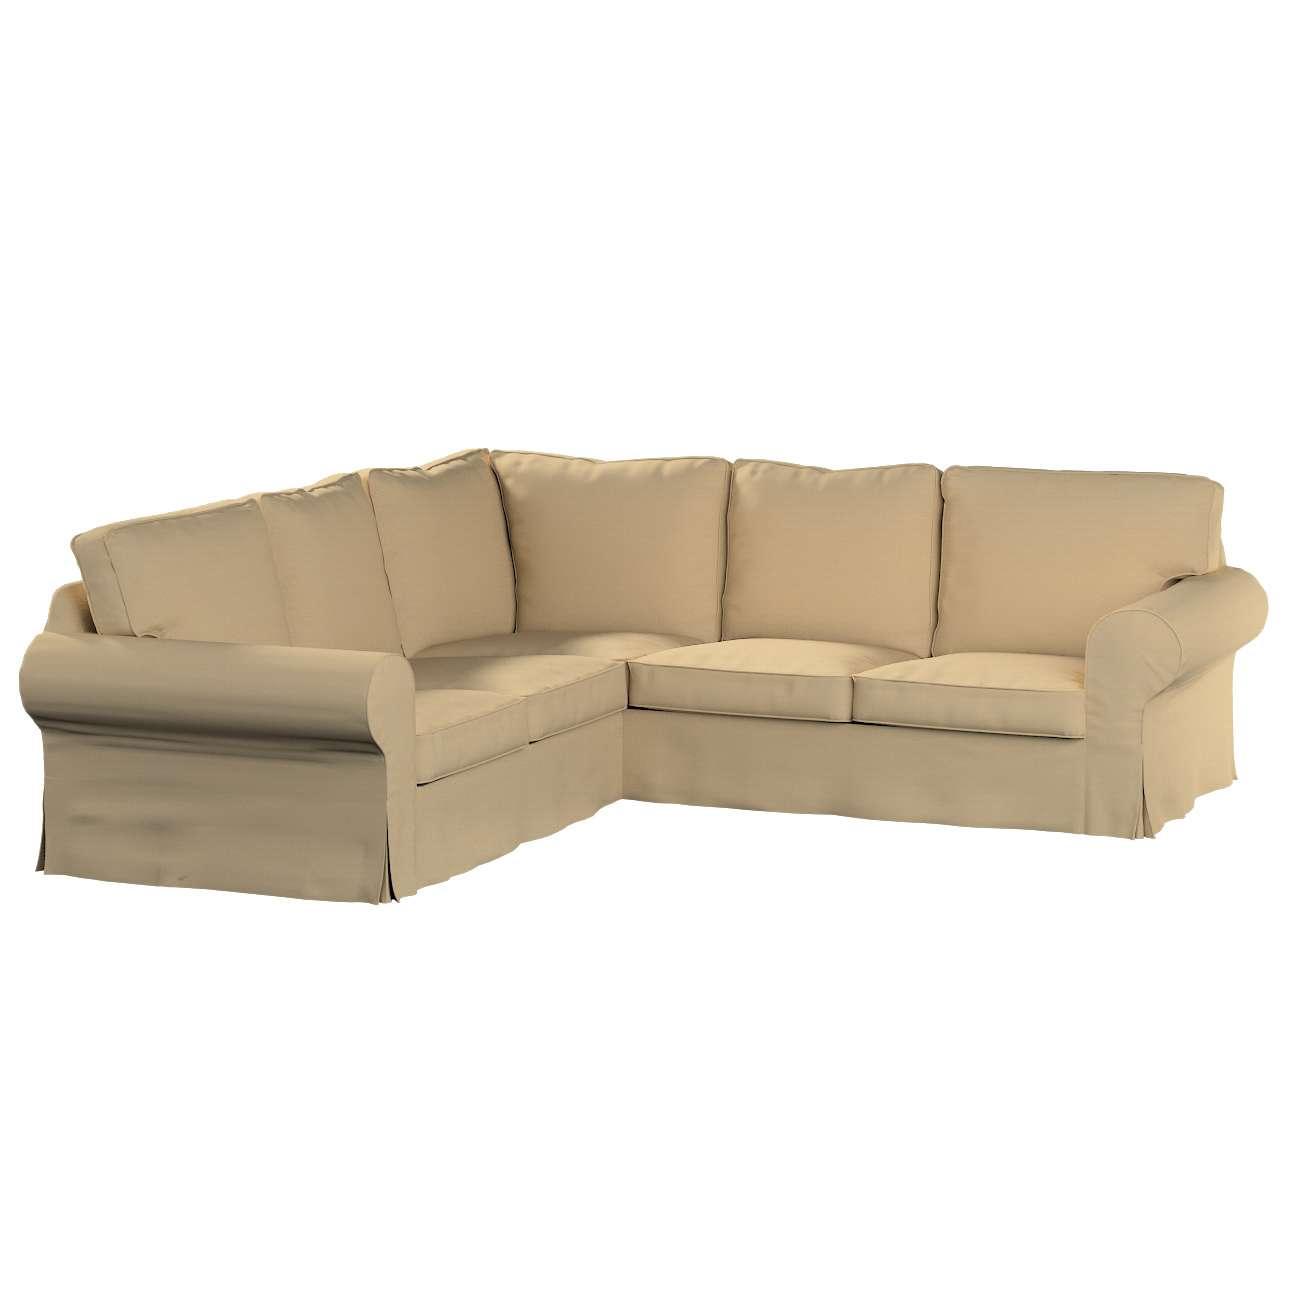 Pokrowiec na sofę Ektorp narożną Sofa Ektorp narożna w kolekcji Cotton Panama, tkanina: 702-01